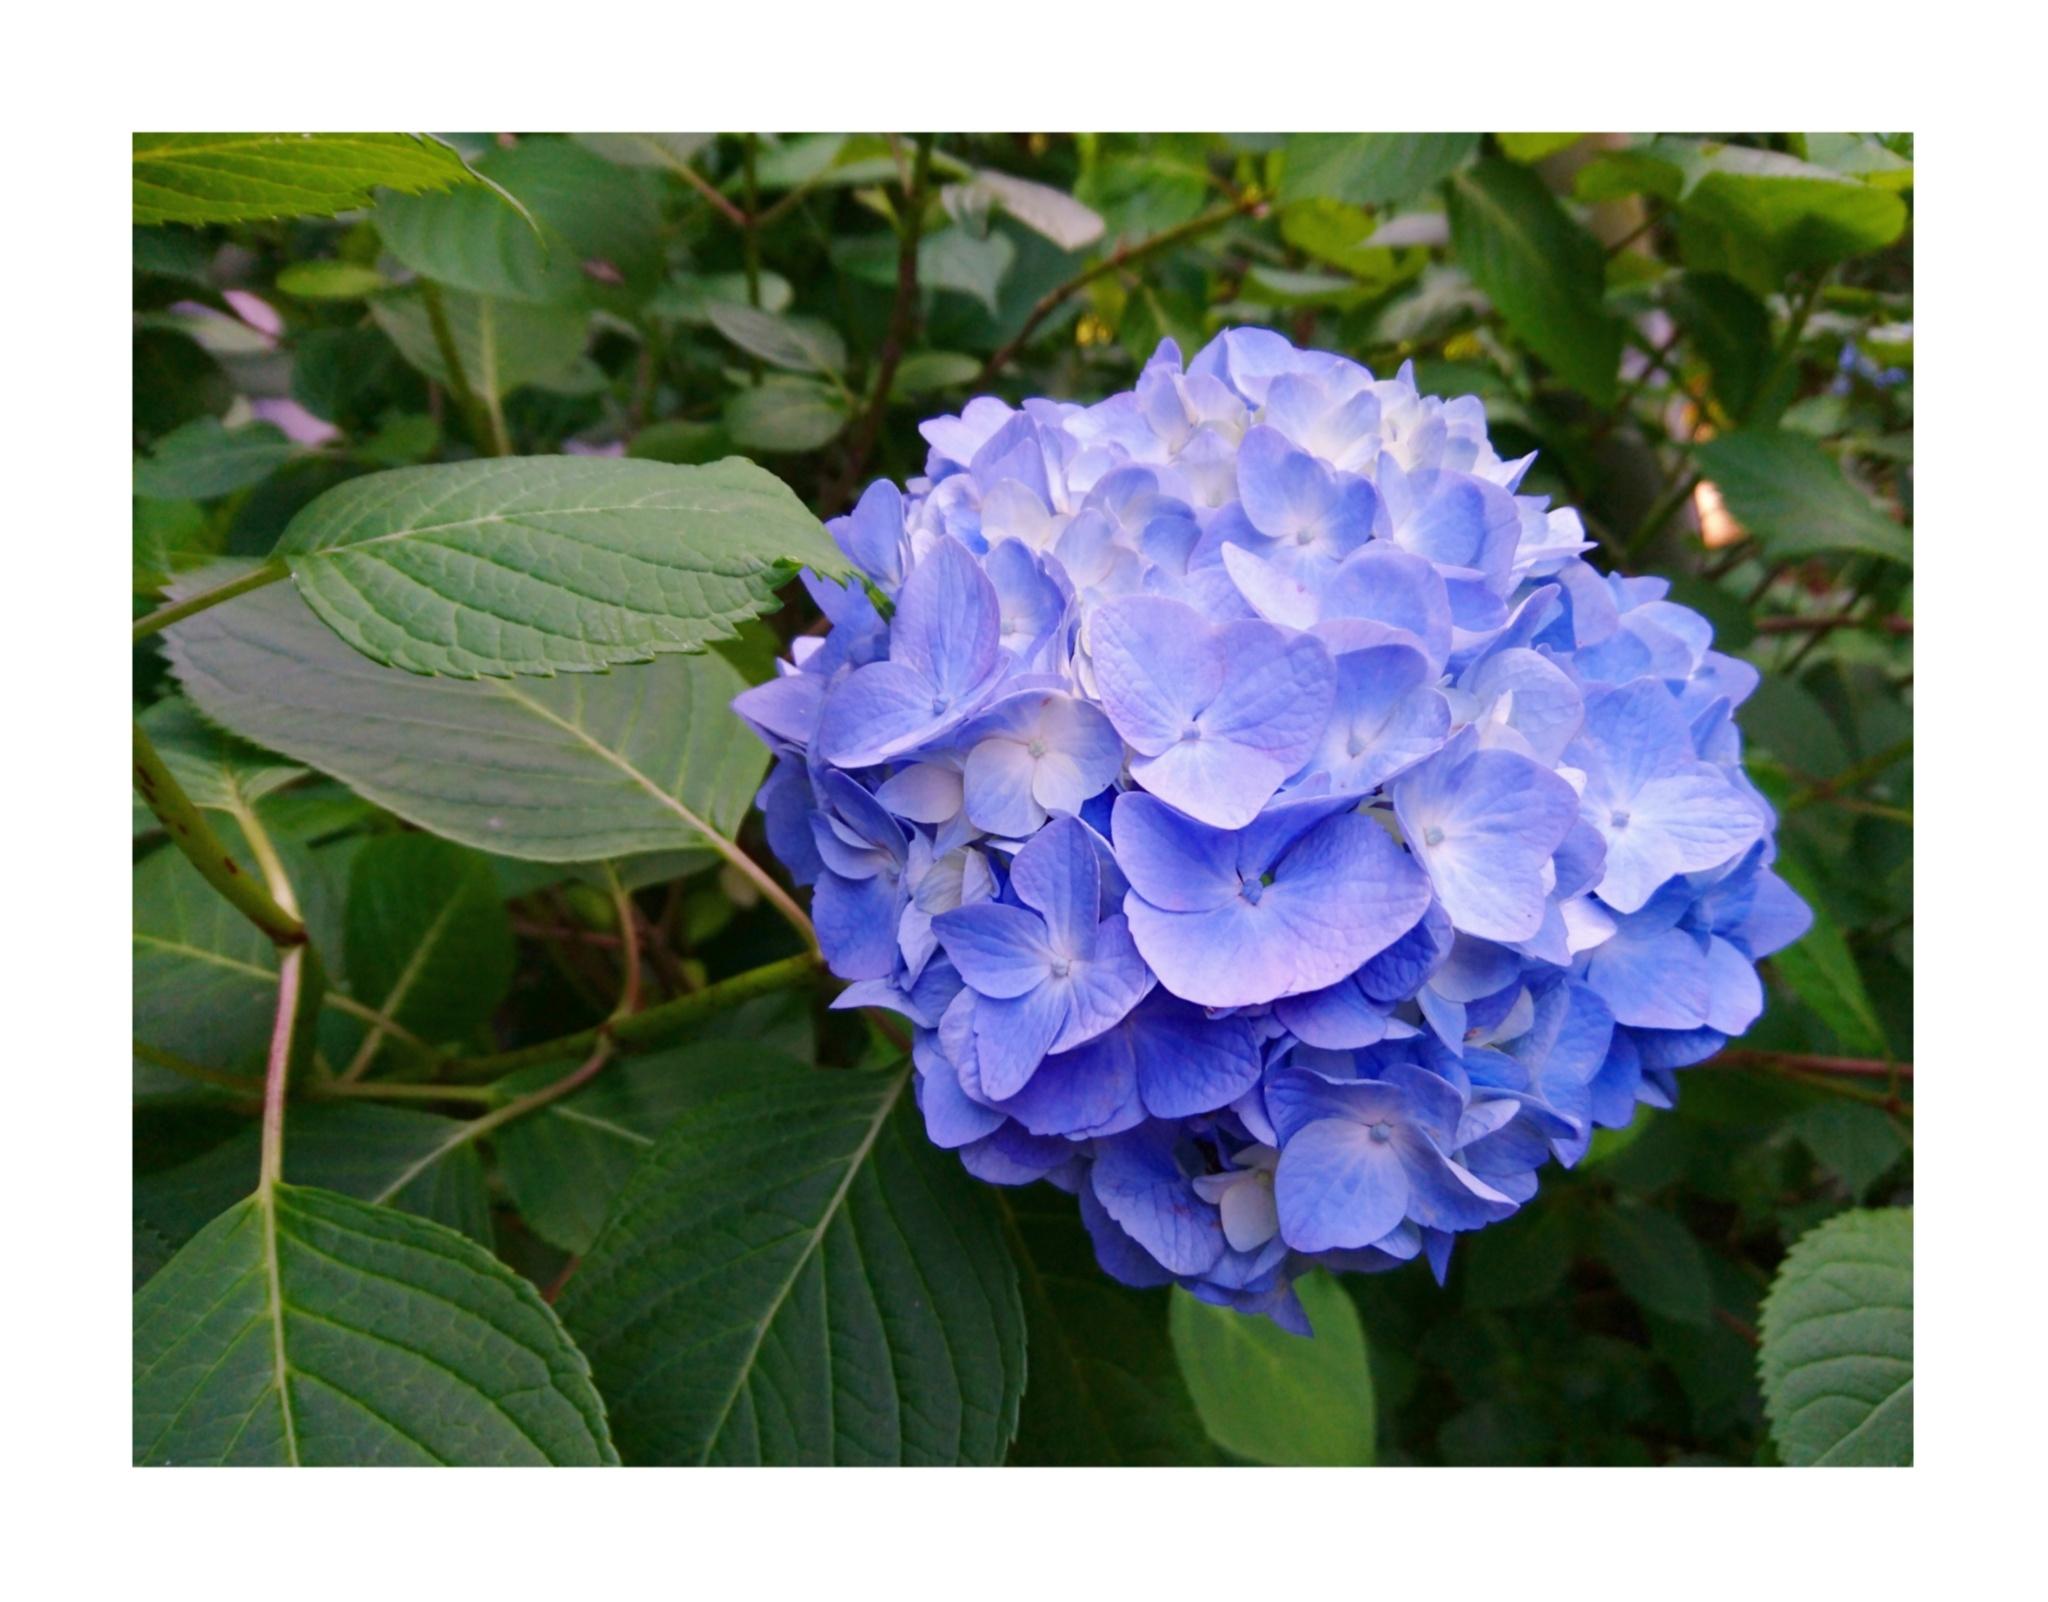 【散策】新緑が美しいこの季節は、鎌倉がおすすめ! ~ 紫陽花が見頃です ~  _7